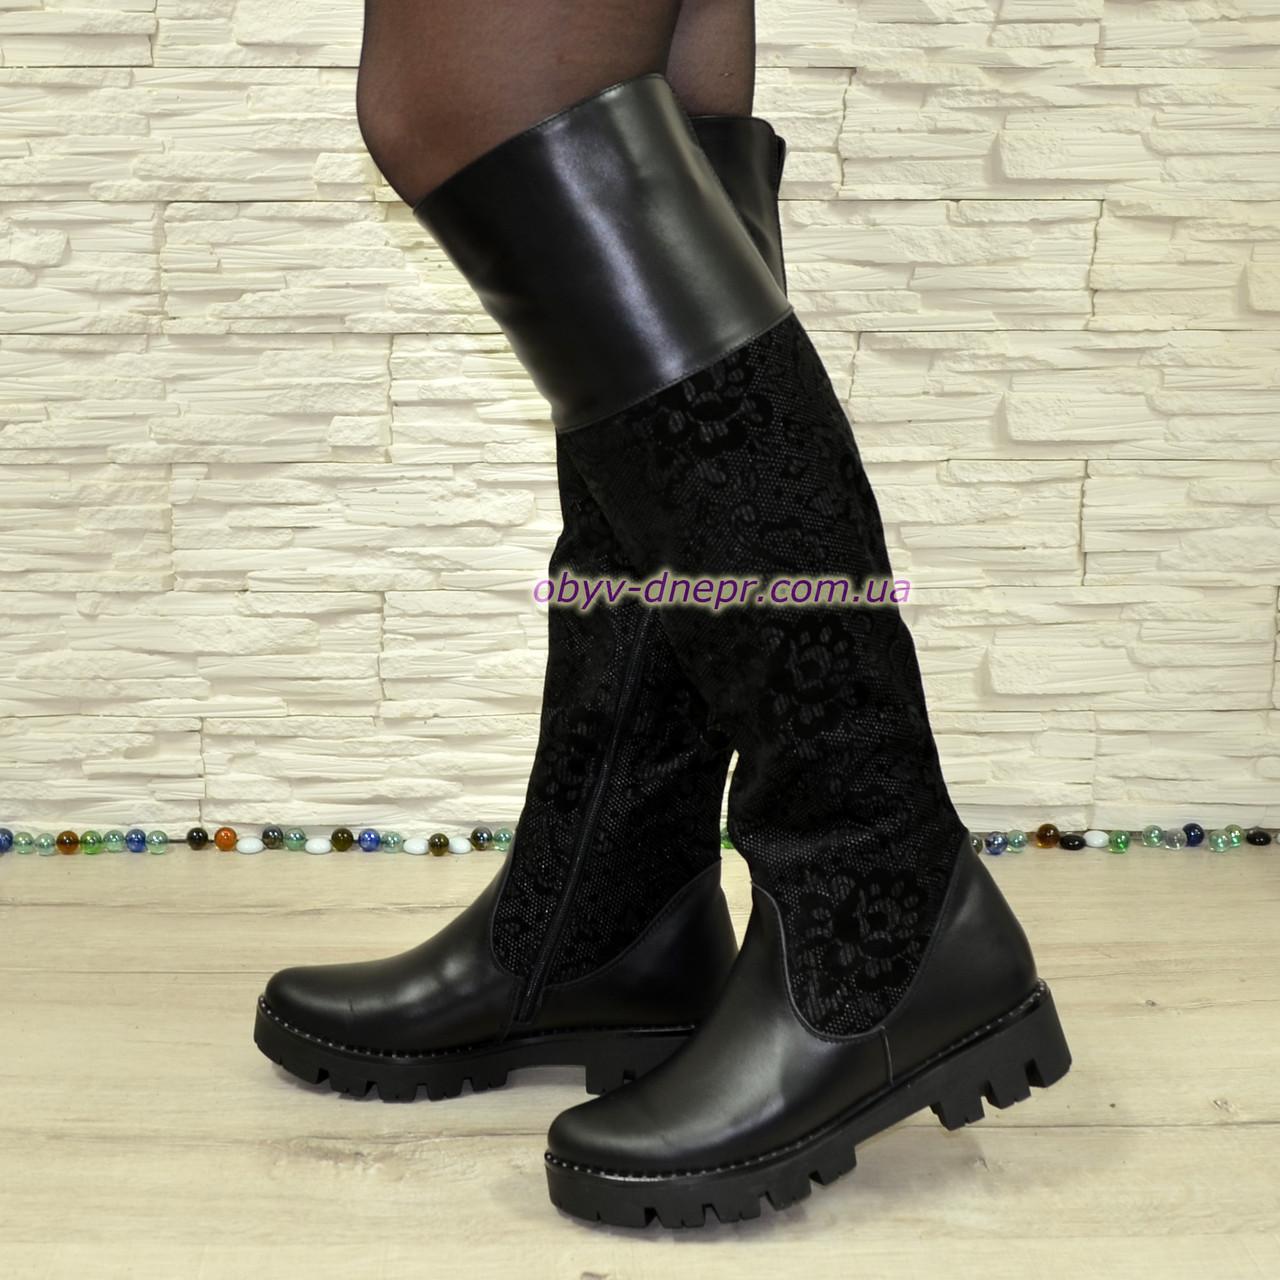 b4770ea2dd1d Ботфорты черные женские зимние на тракторной подошве, натуральная кожа и  замша.